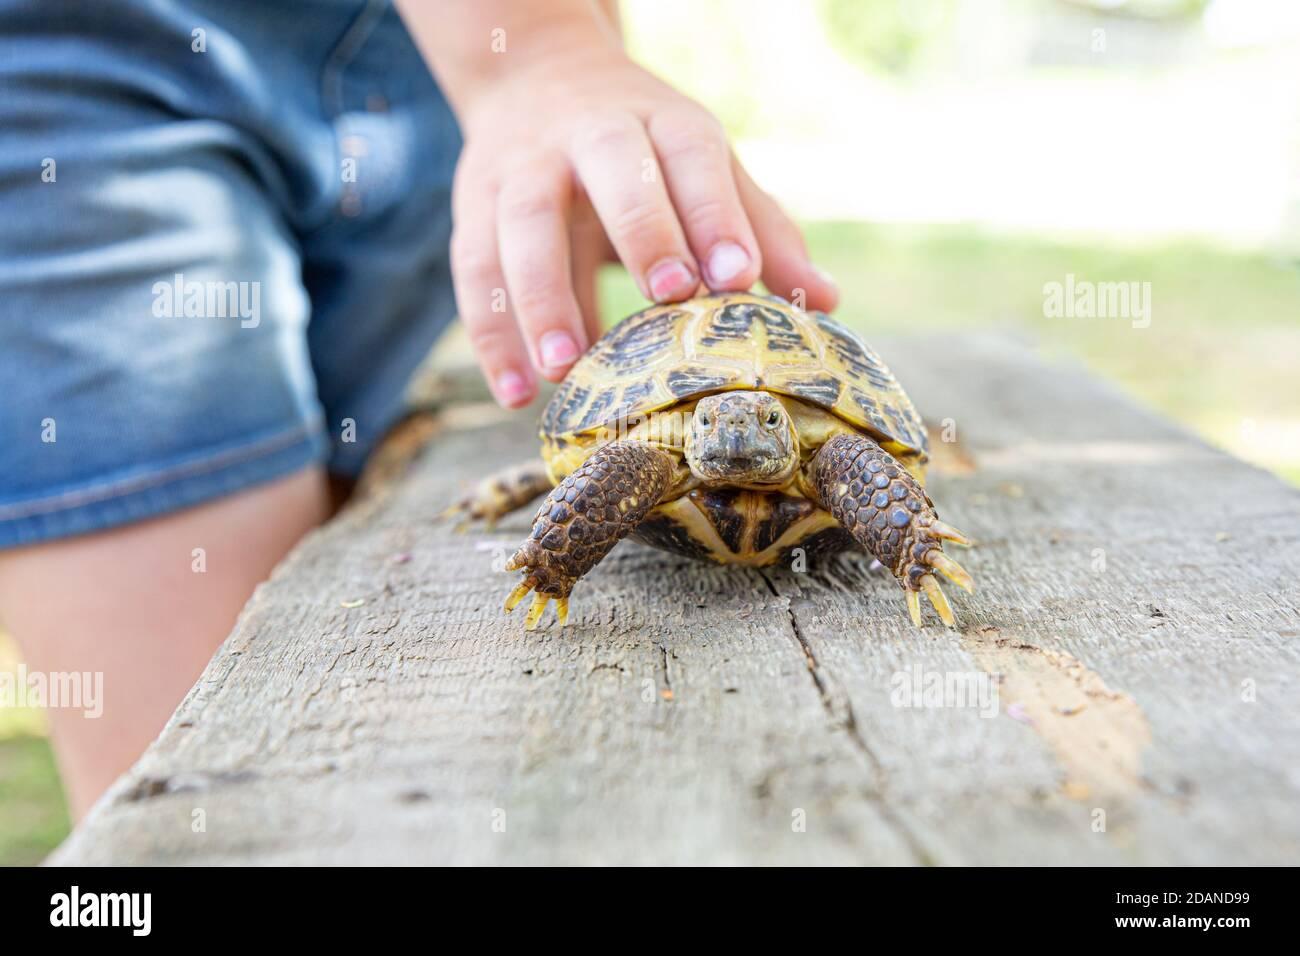 Le tartarughe terrestri dell'Asia centrale strisciano su una tavola di legno e si affaccia sulla telecamera. Il bambino tiene con la mano una tartaruga per il guscio. Prendendosi cura del vostro Foto Stock